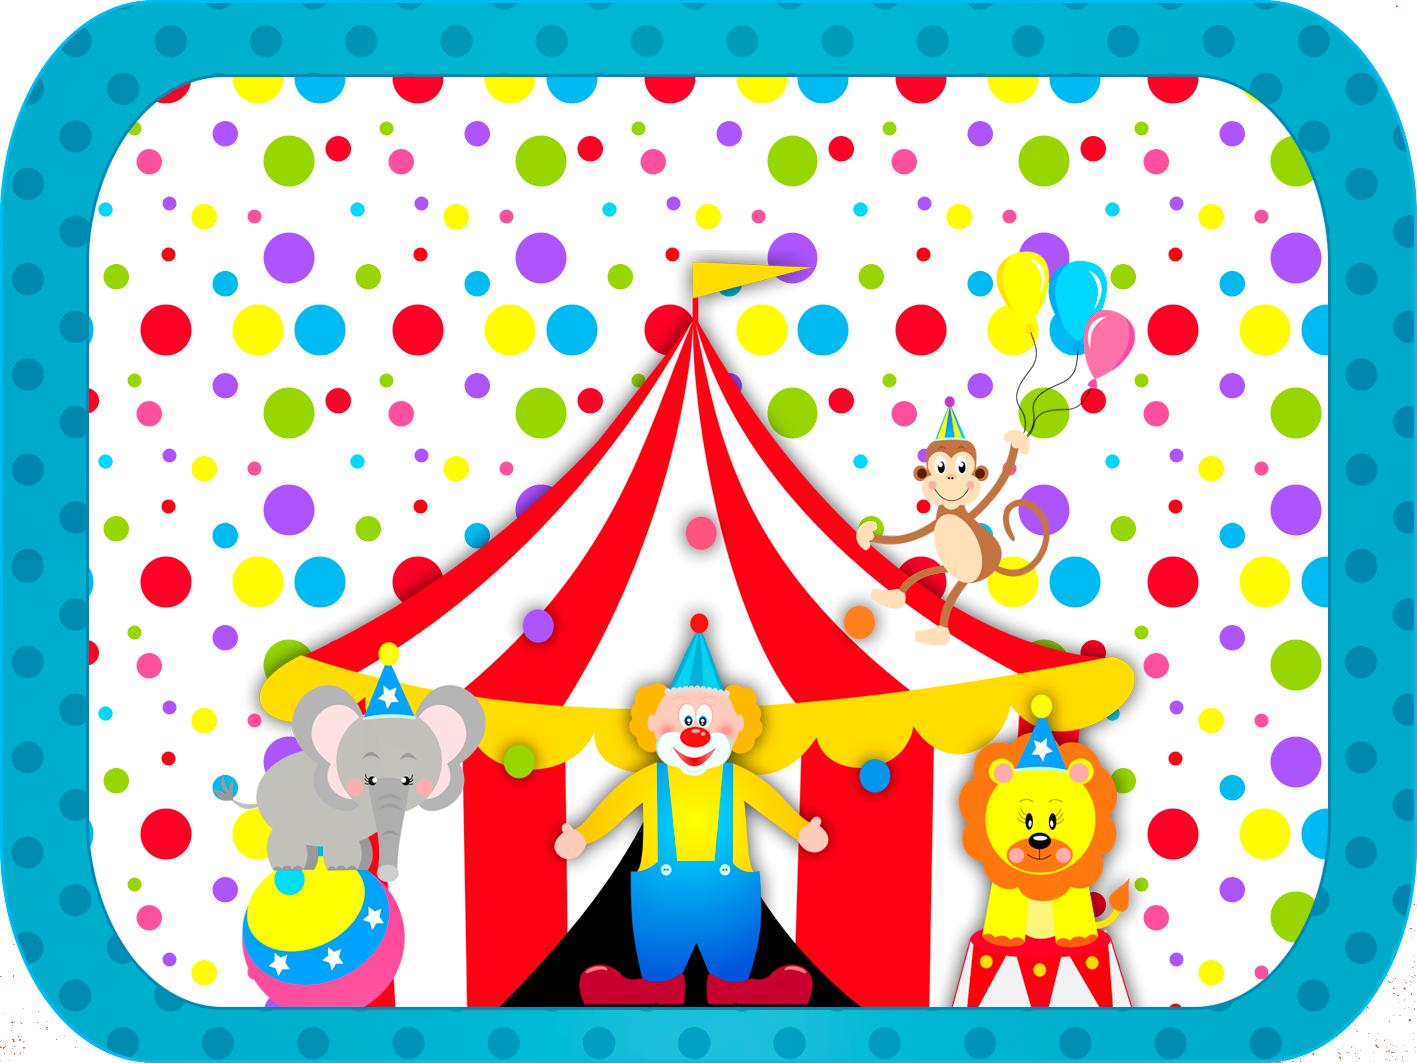 http://montandoaminhafesta.blogspot.com/2014/04/circo-meninos.html